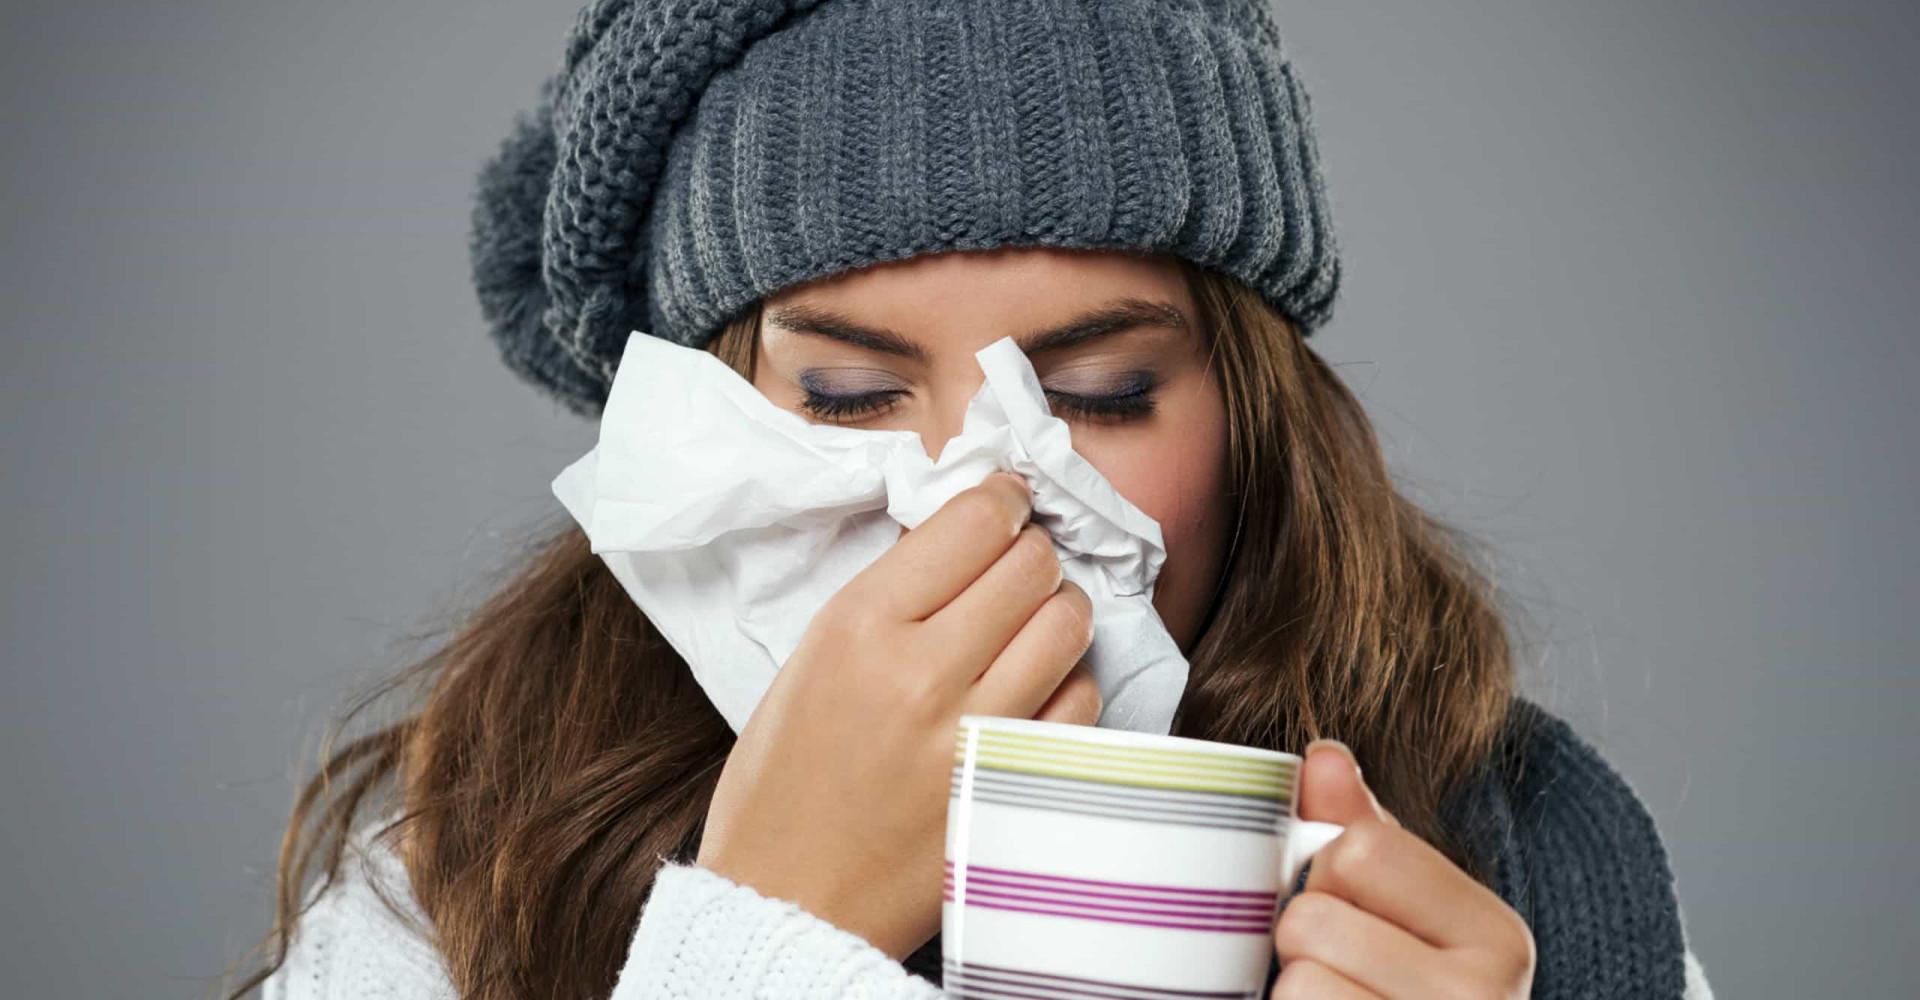 Erkältung: Die besten Hausmittel und praktischen Tipps